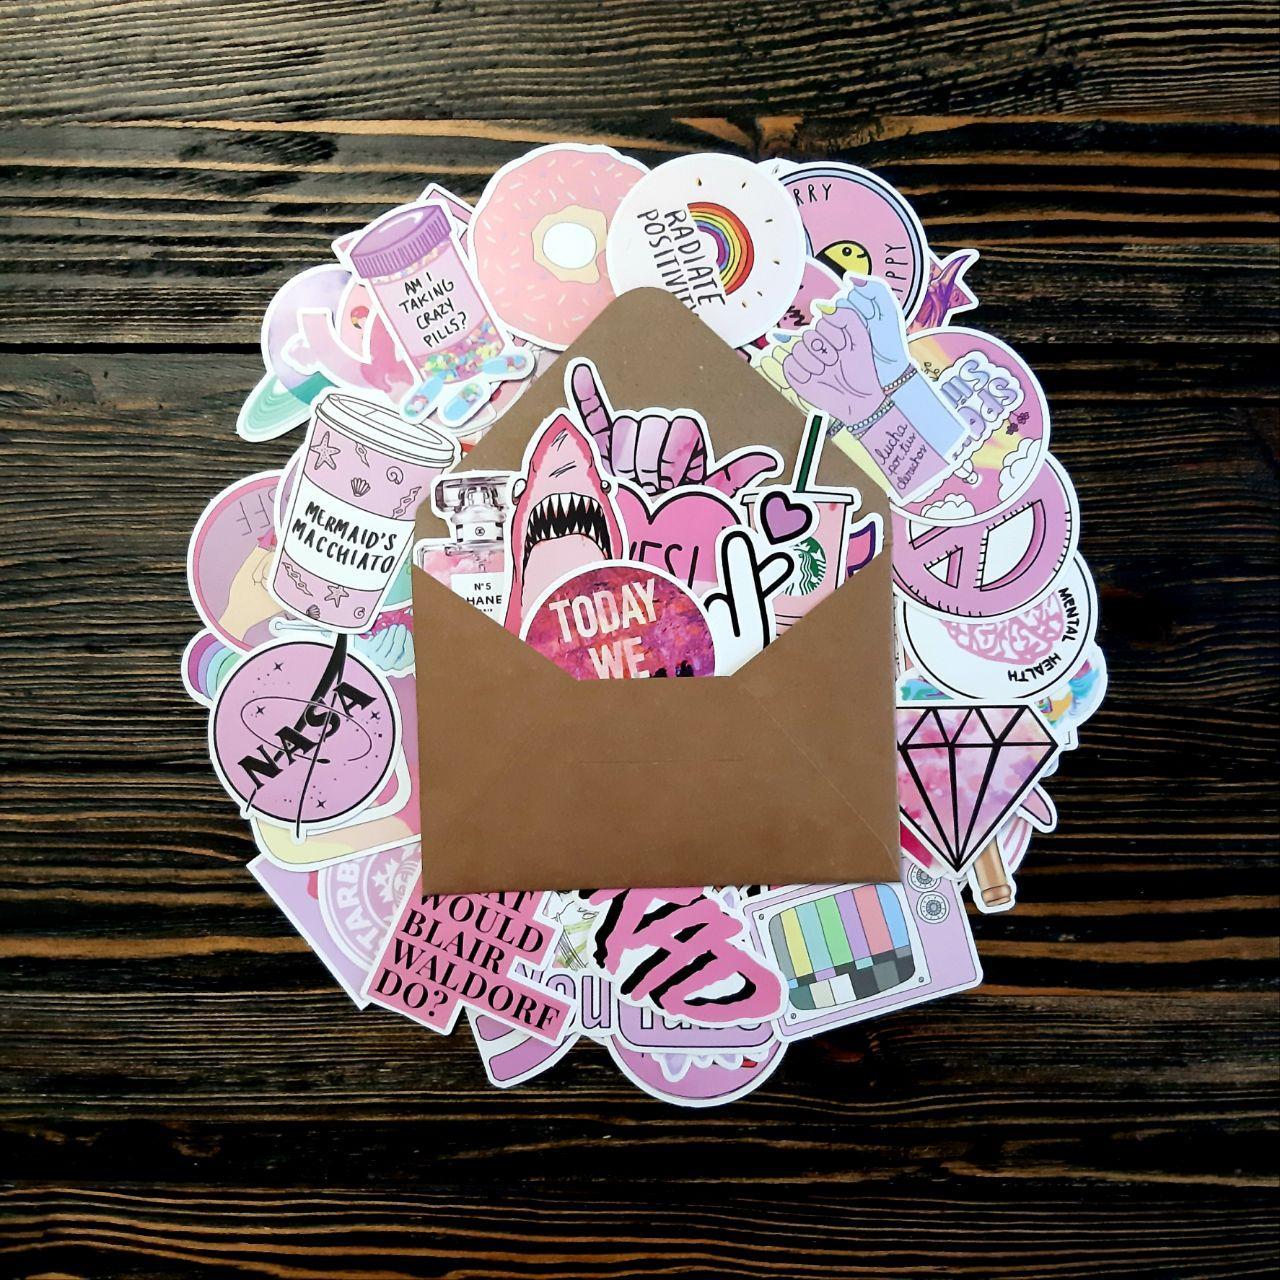 Водоотталкивающие стикеры на ноутбук, авто, скейт, Стикербомбинг, виниловые наклейки Розовый - 25 шт